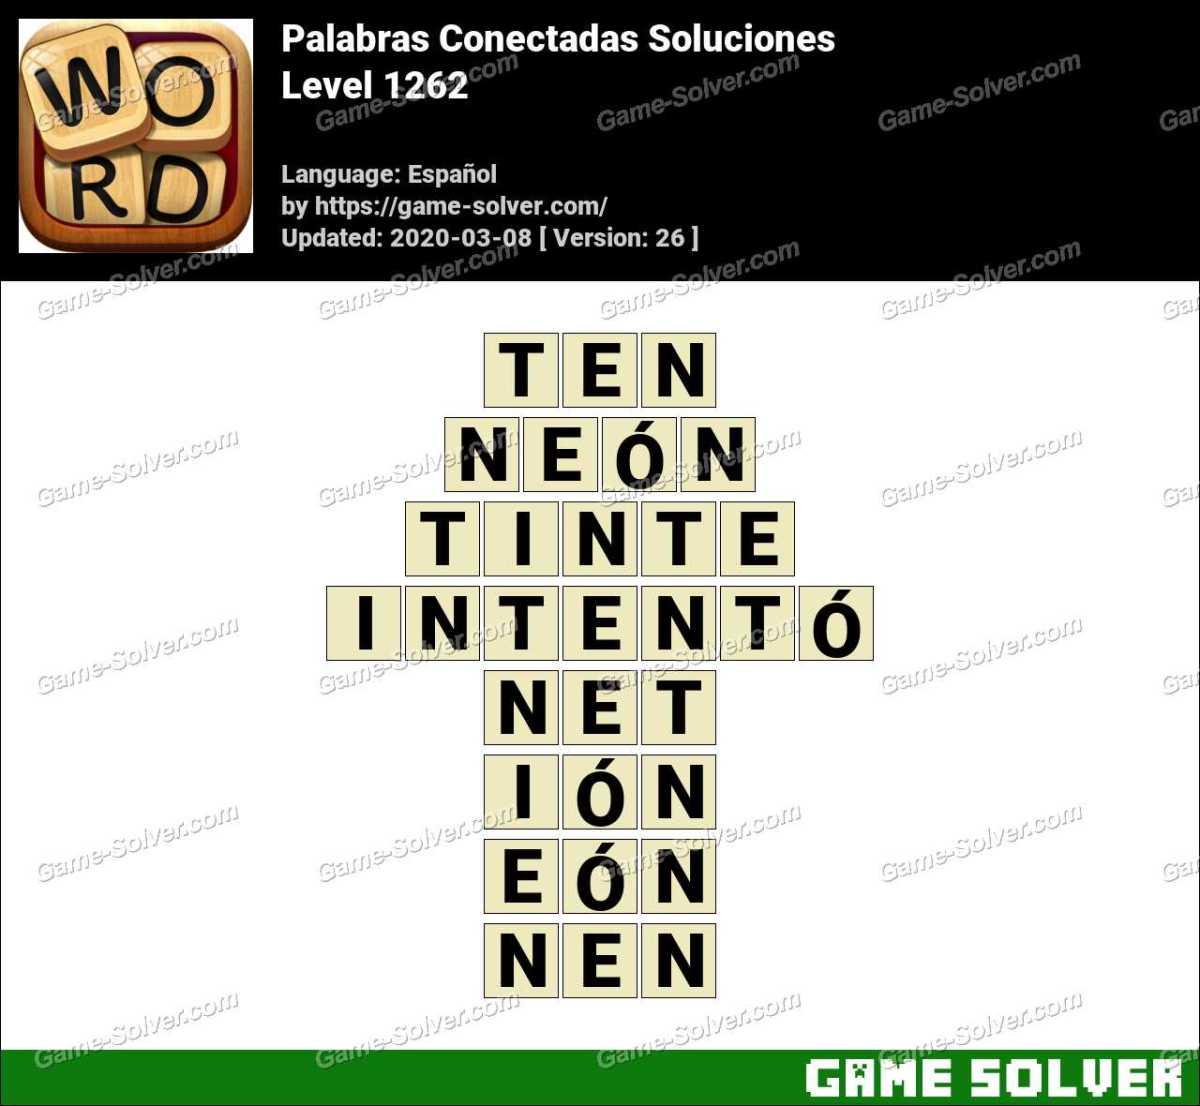 Palabras Conectadas Nivel 1262 Soluciones